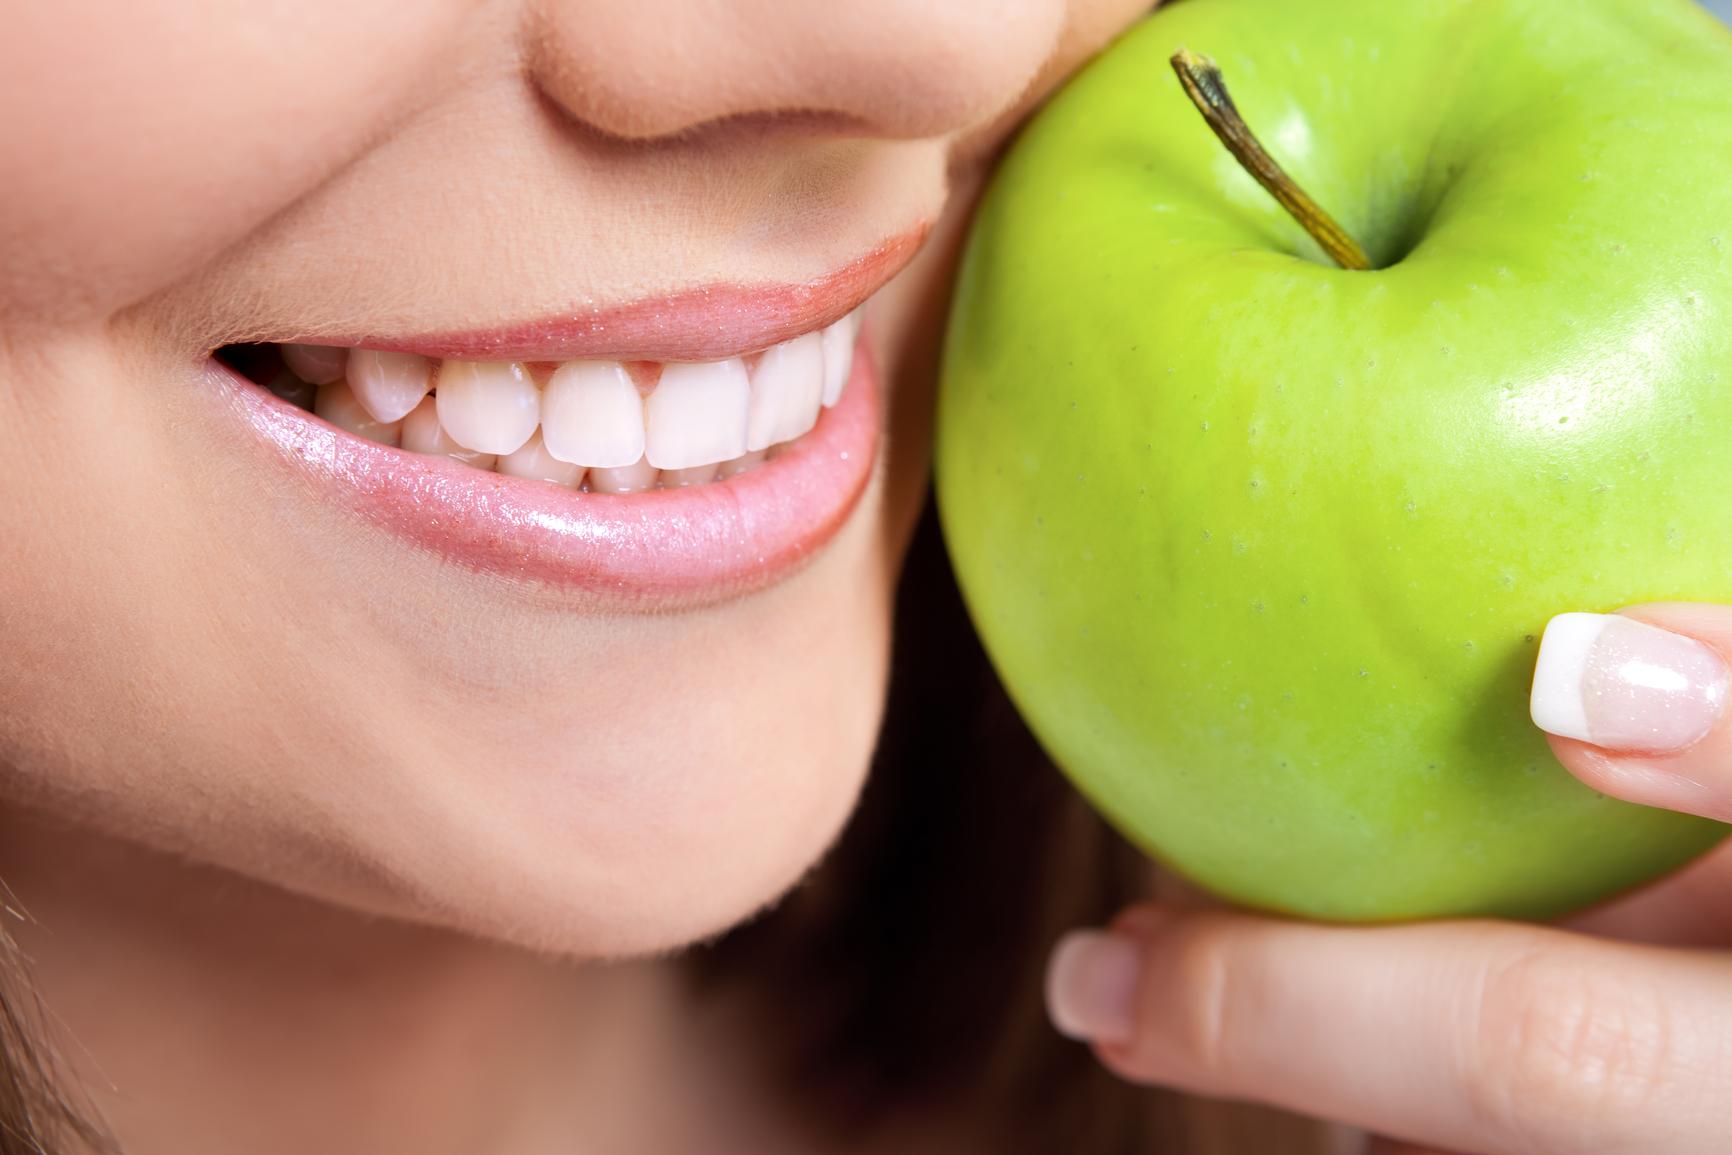 smilingteeth1.jpg